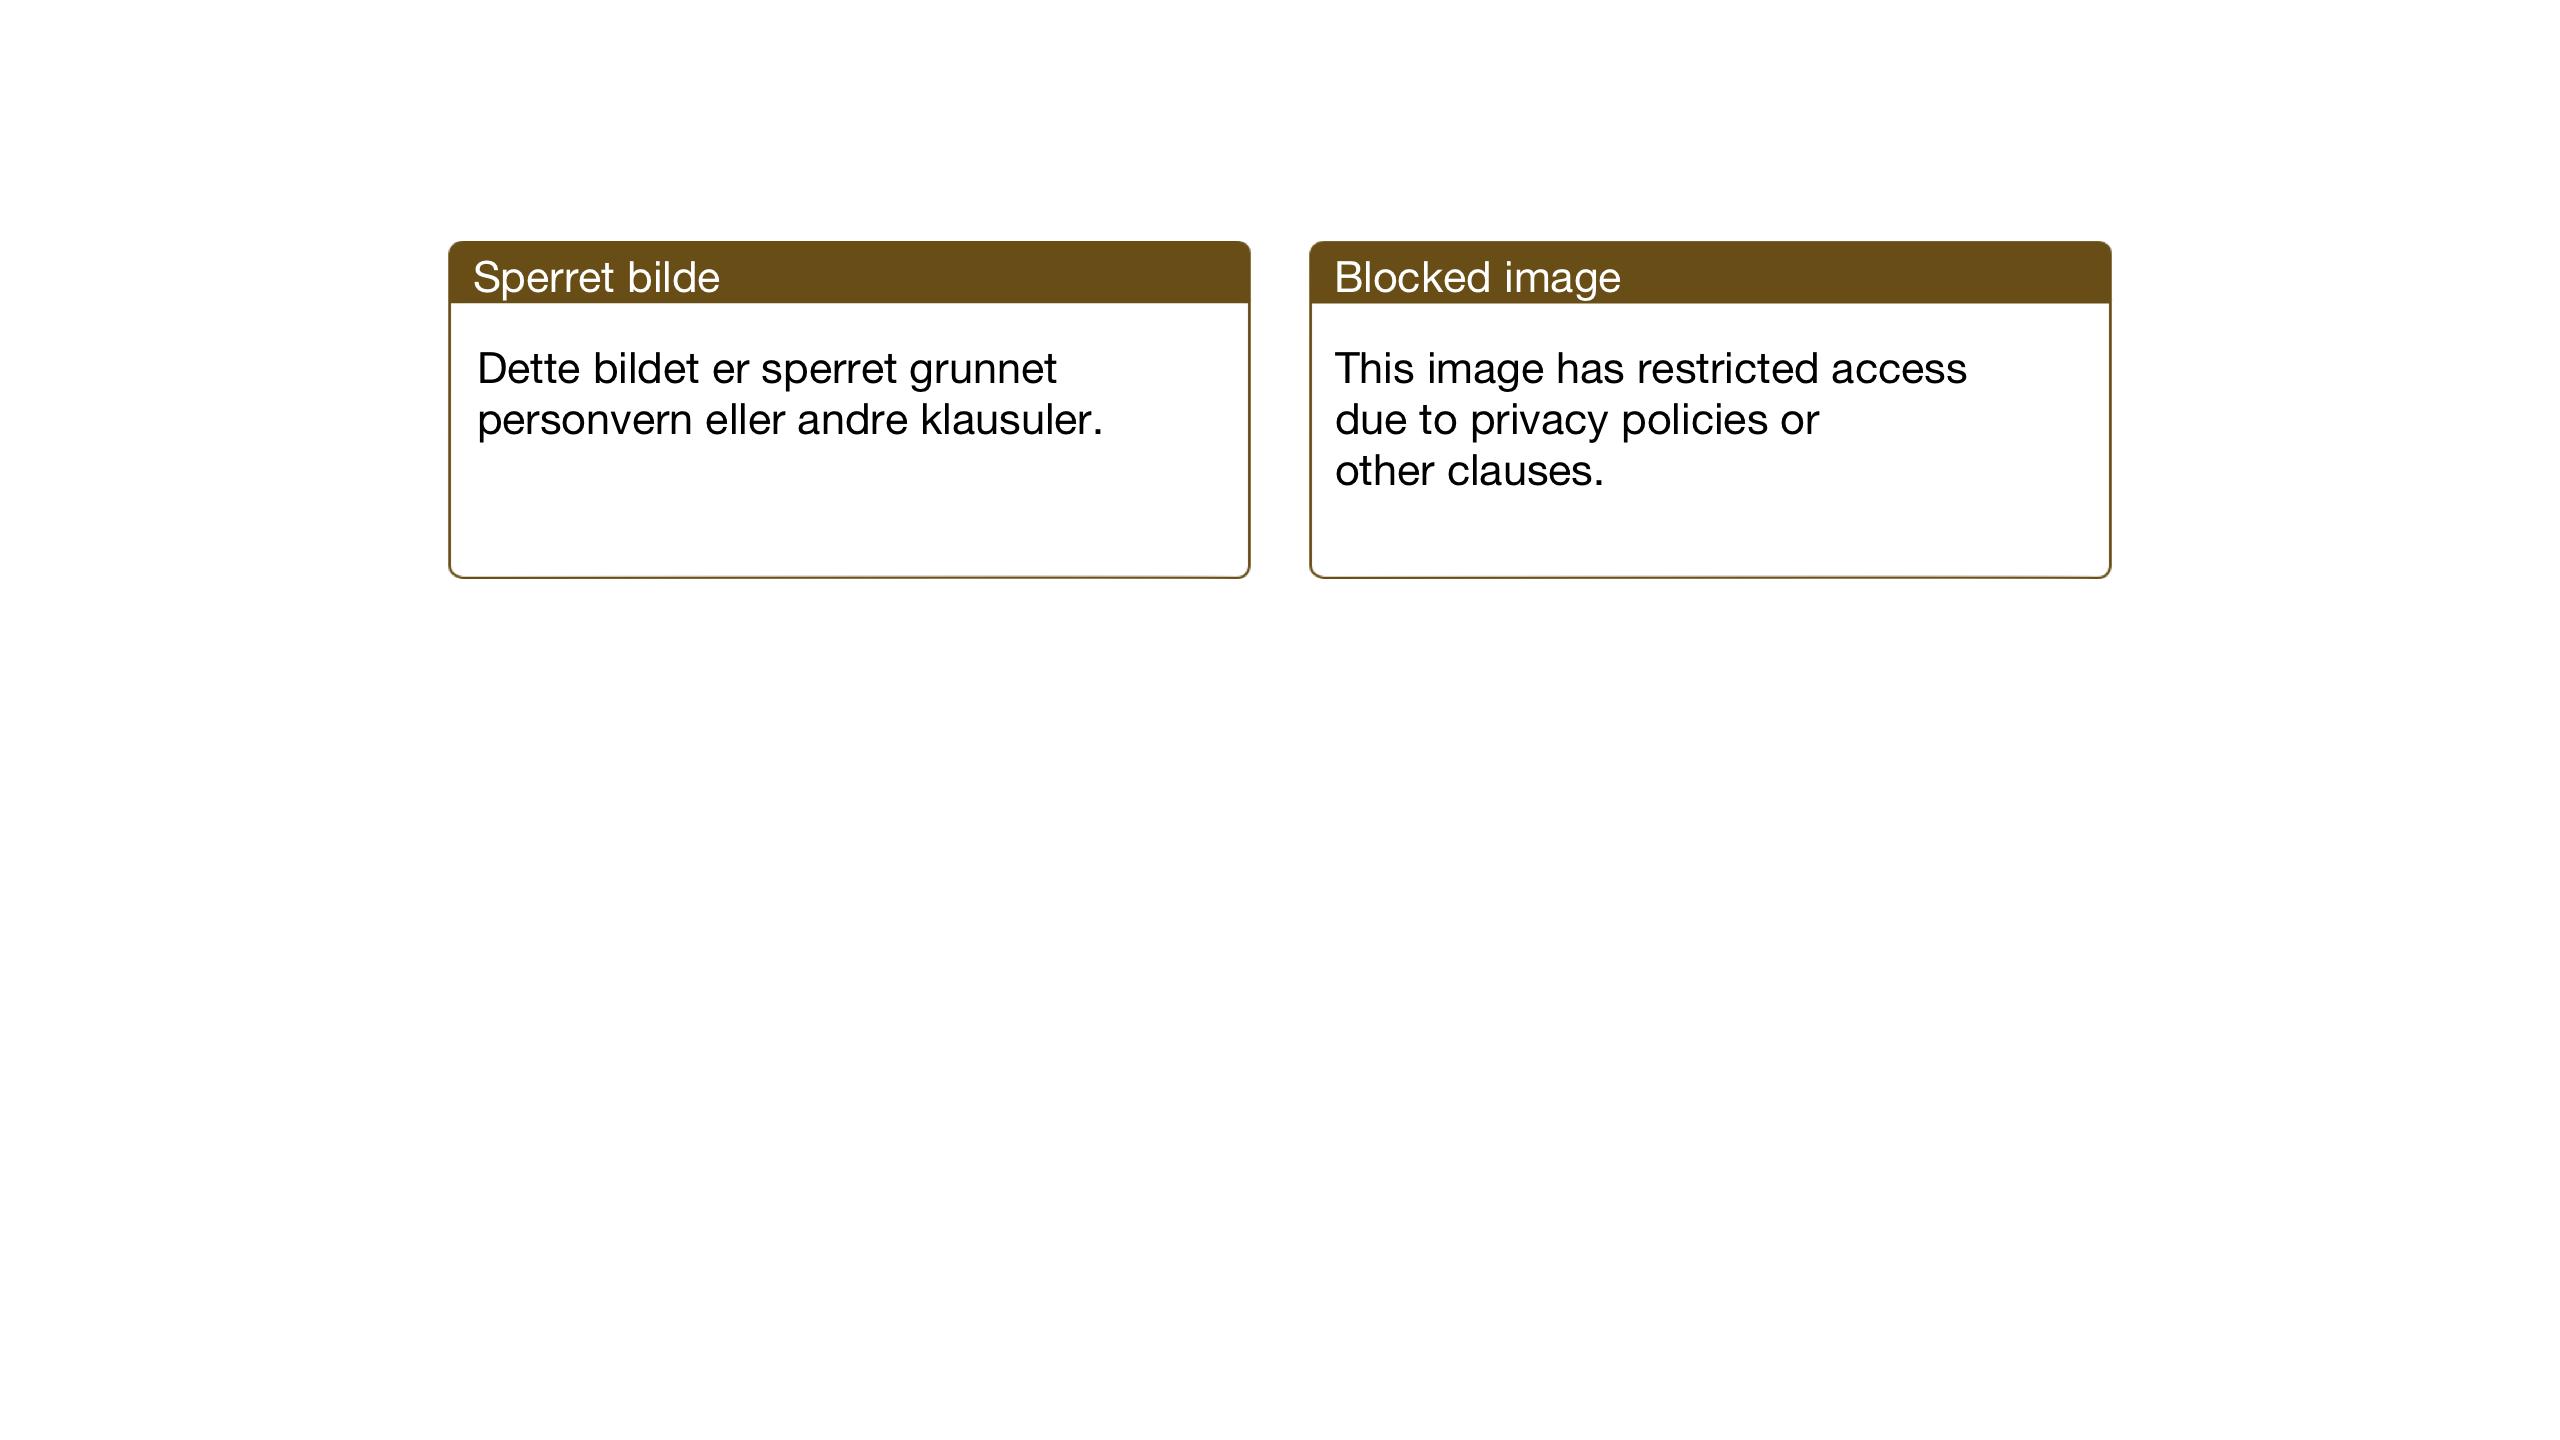 SAT, Ministerialprotokoller, klokkerbøker og fødselsregistre - Sør-Trøndelag, 604/L0205: Ministerialbok nr. 604A25, 1917-1932, s. 240